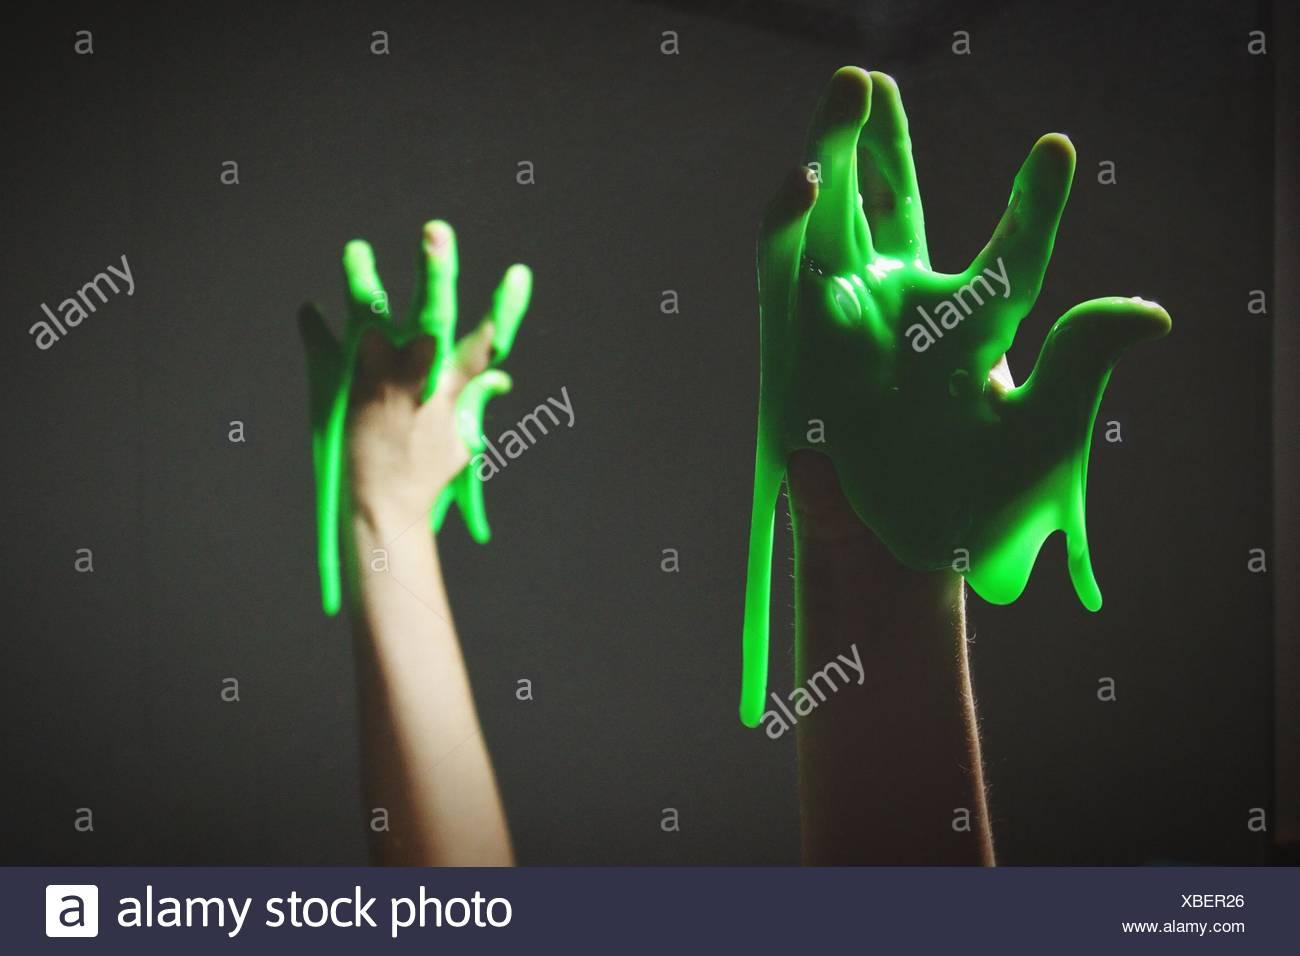 Abgeschnitten von Hand mit grünen Schleim auf schwarzem Hintergrund Stockbild